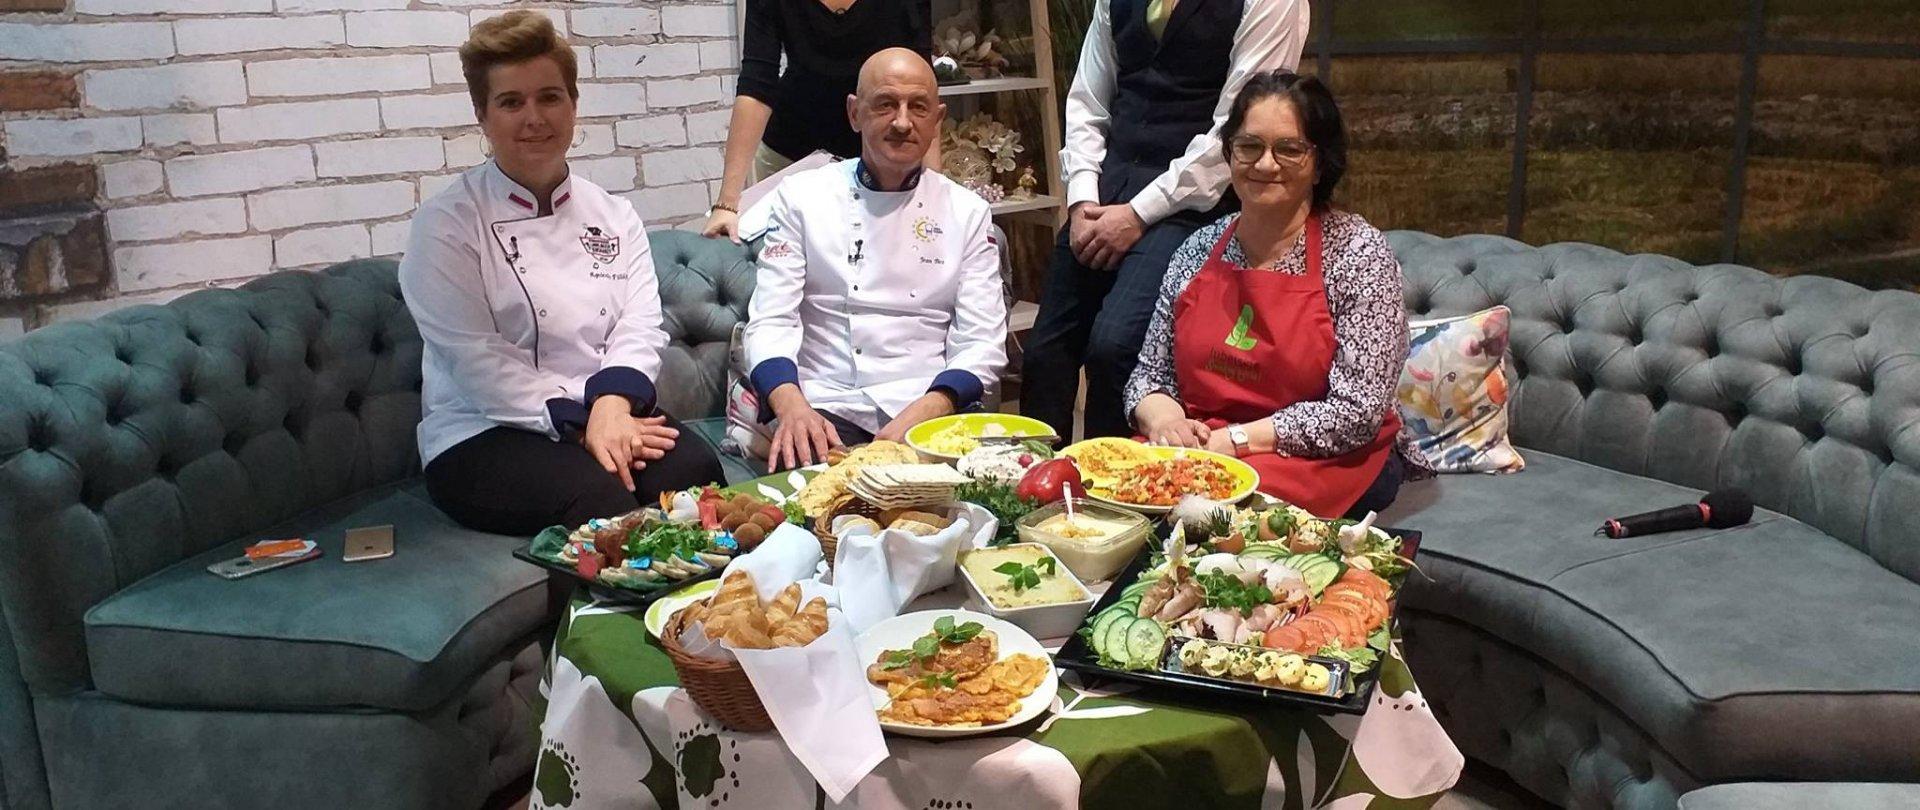 Szef Kuchni Hotelu AGIT Jean Bos na Europejskim Dniu Śniadania w TVP Lublin